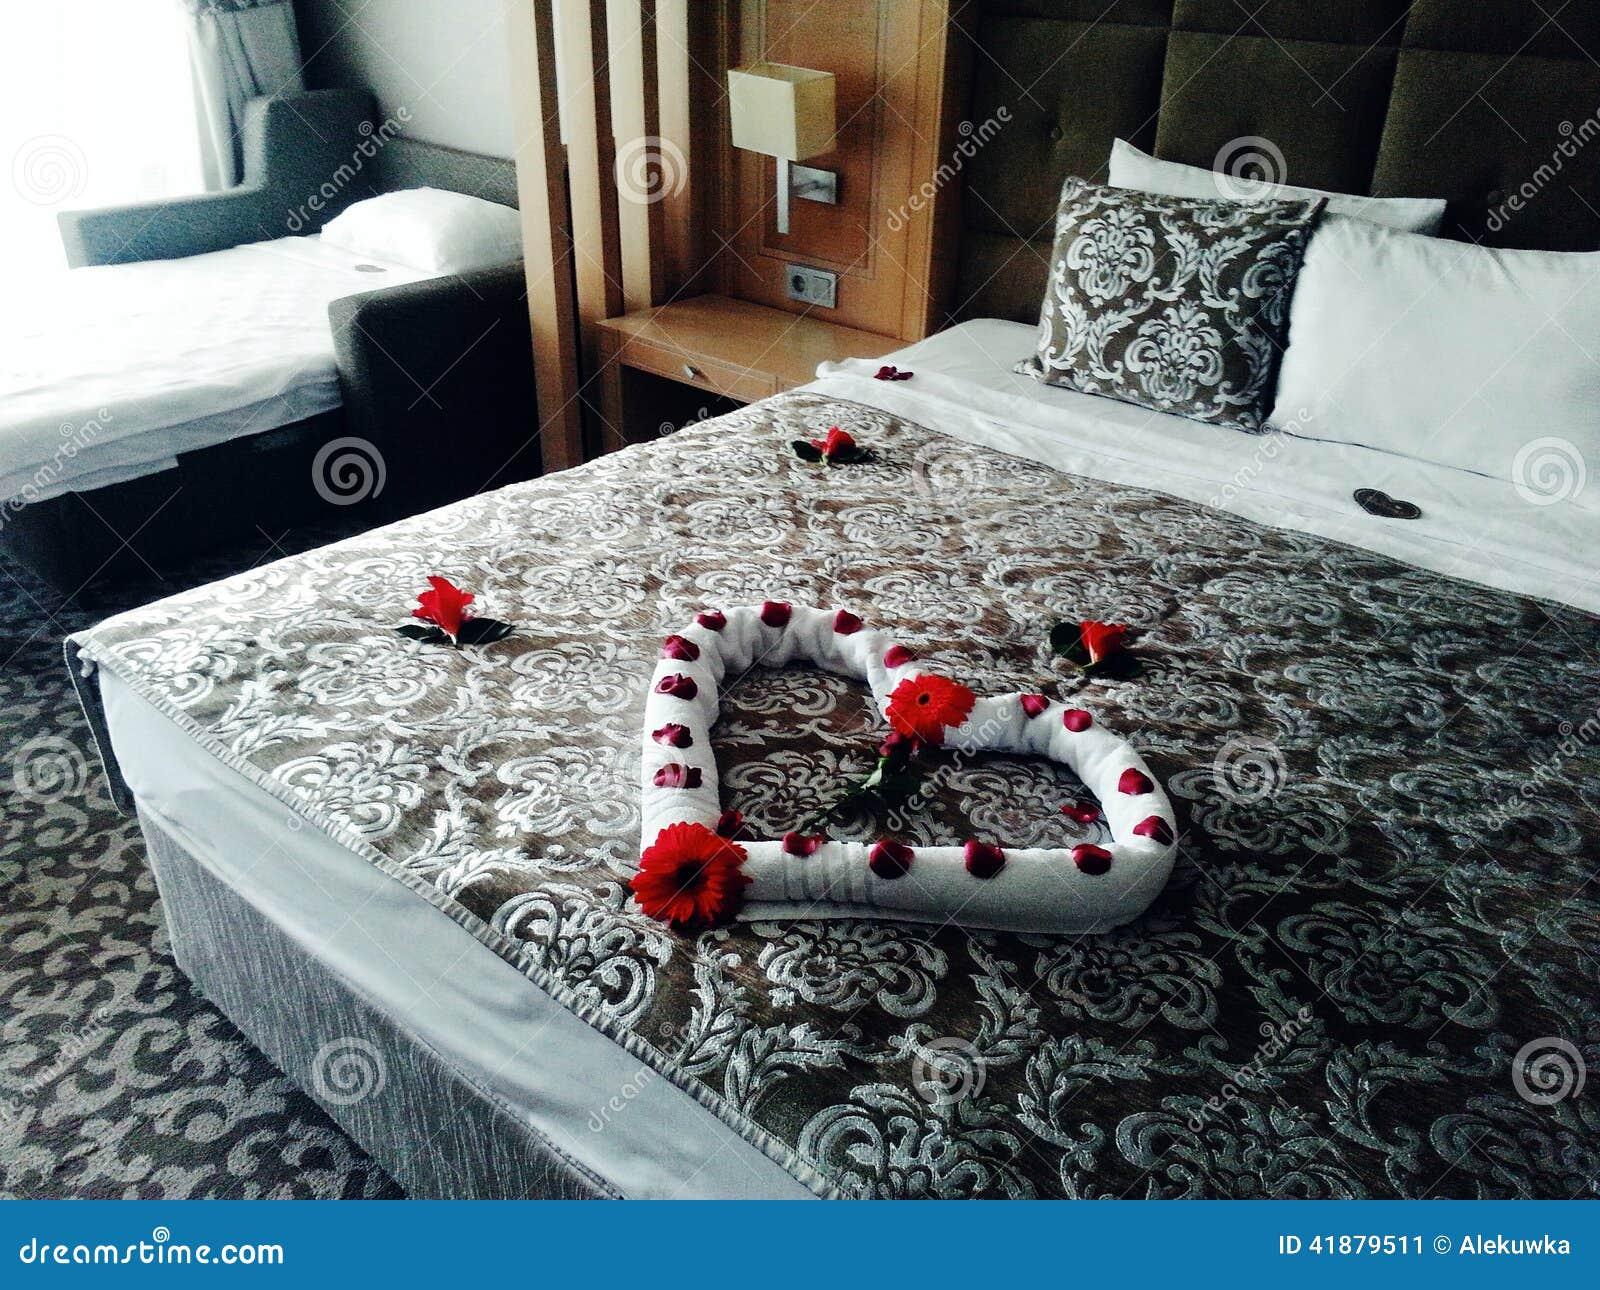 lit romantique image stock image du maison b ti d corez 41879511. Black Bedroom Furniture Sets. Home Design Ideas